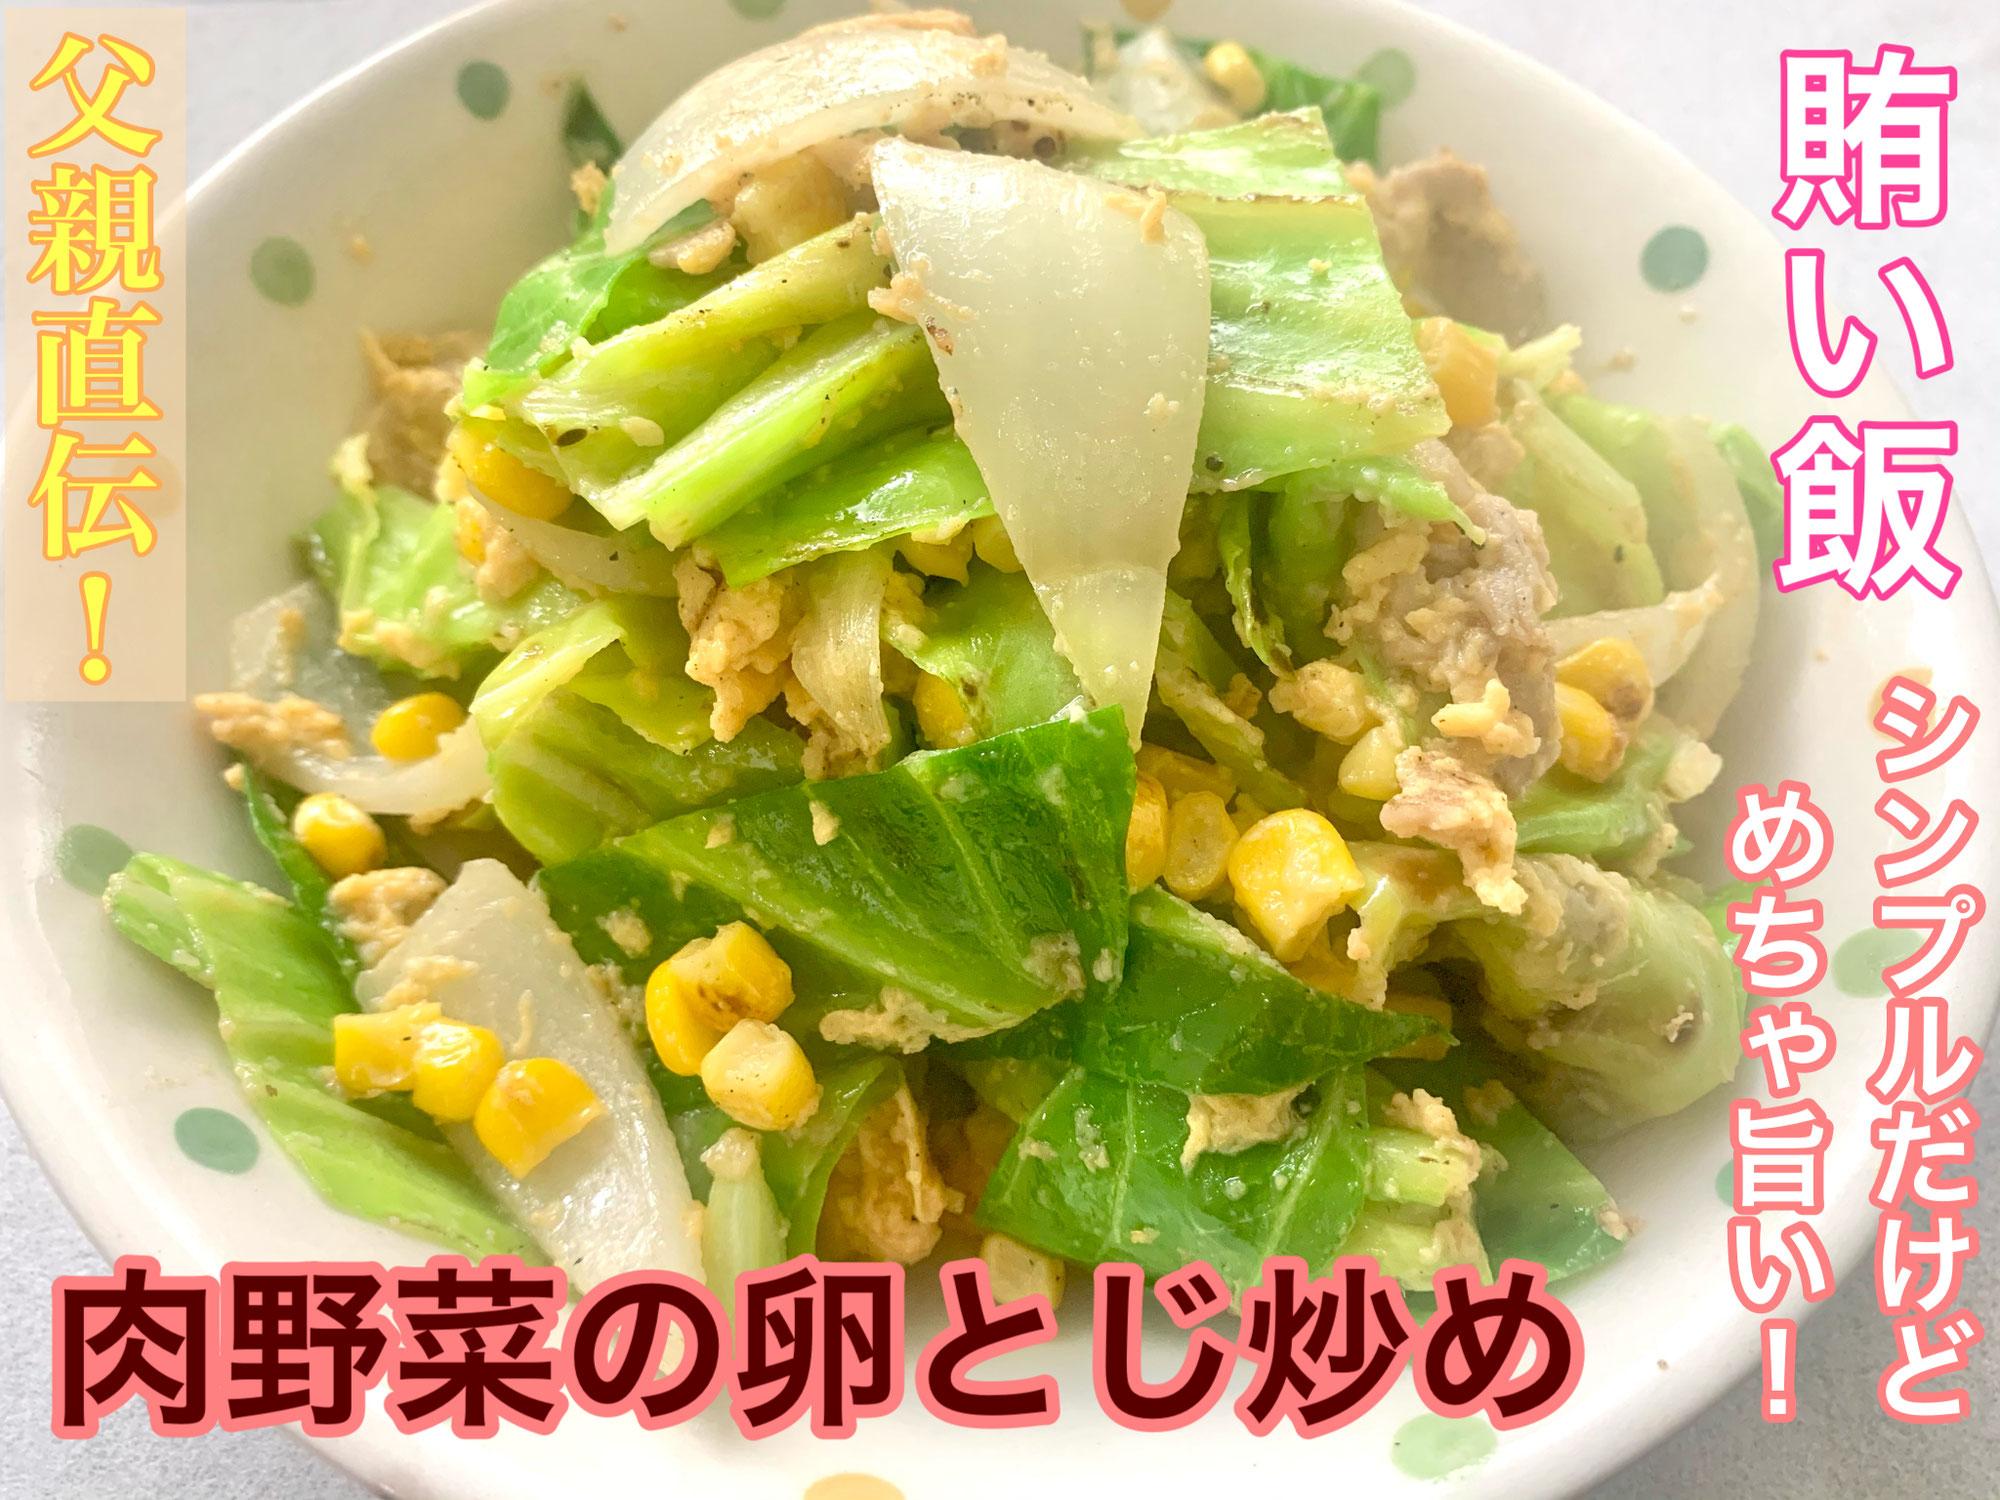 父親直伝!肉野菜卵とじ炒め!